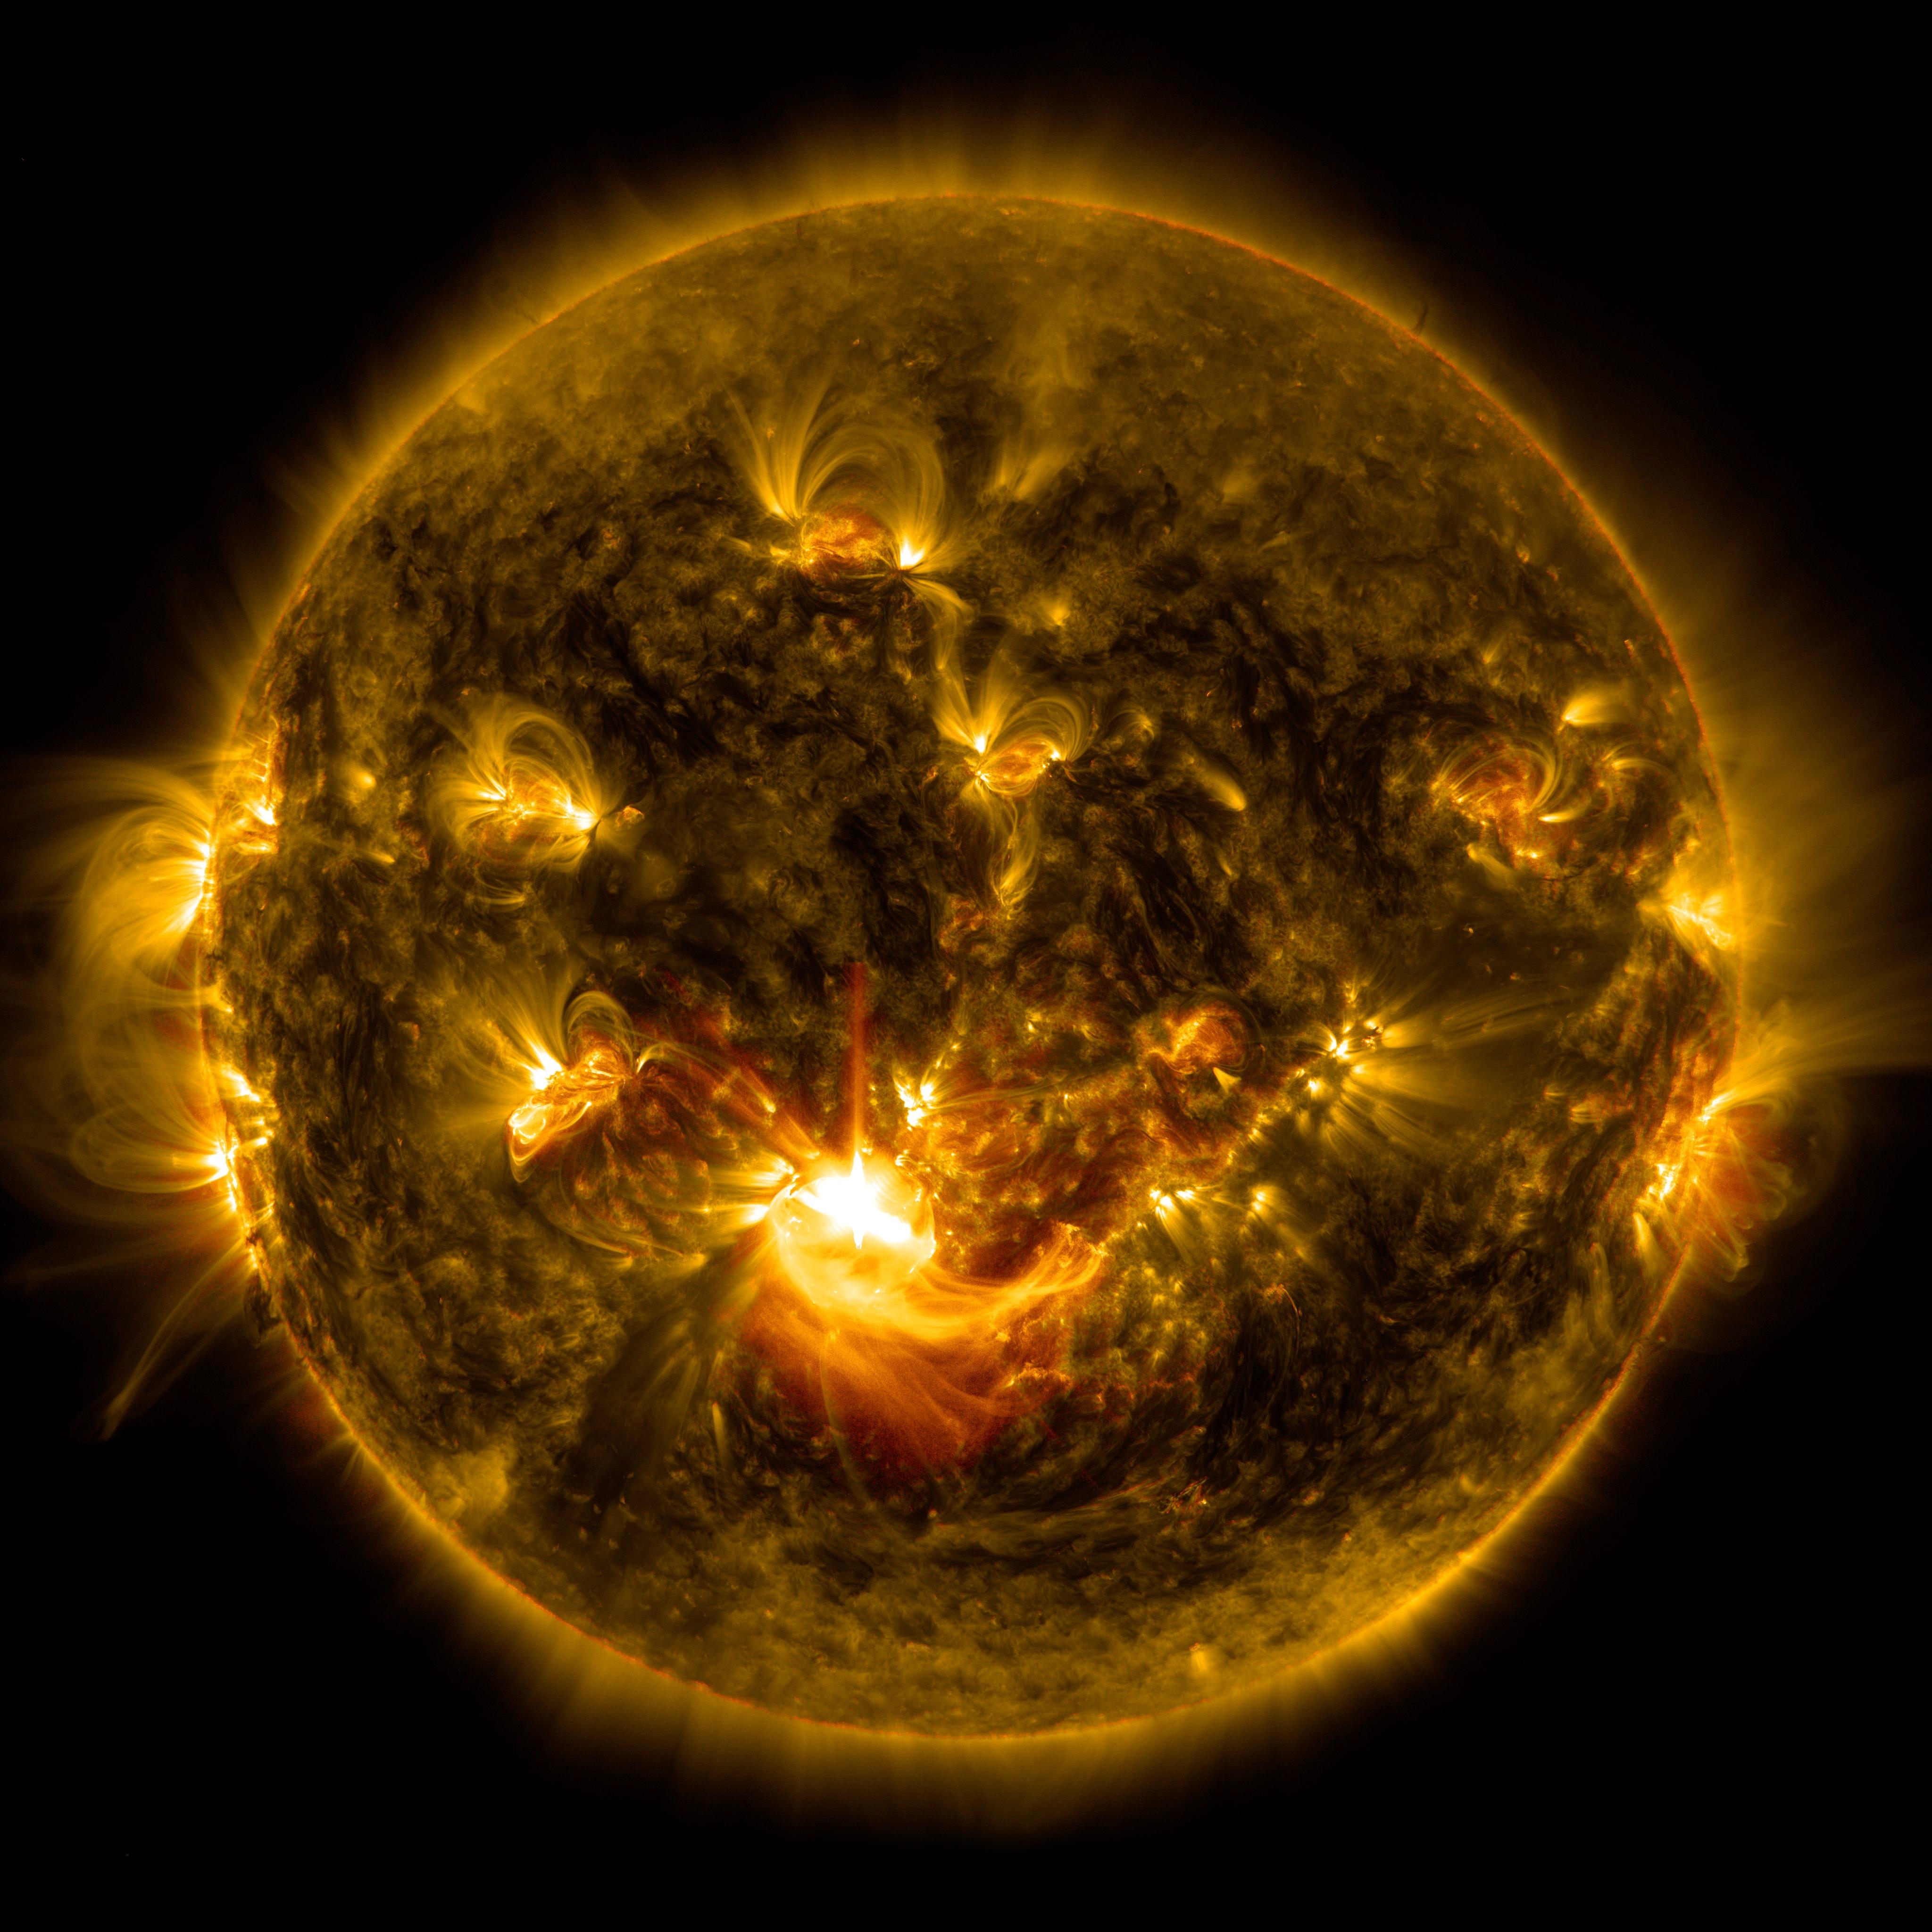 nasa sun images - HD4096×4096